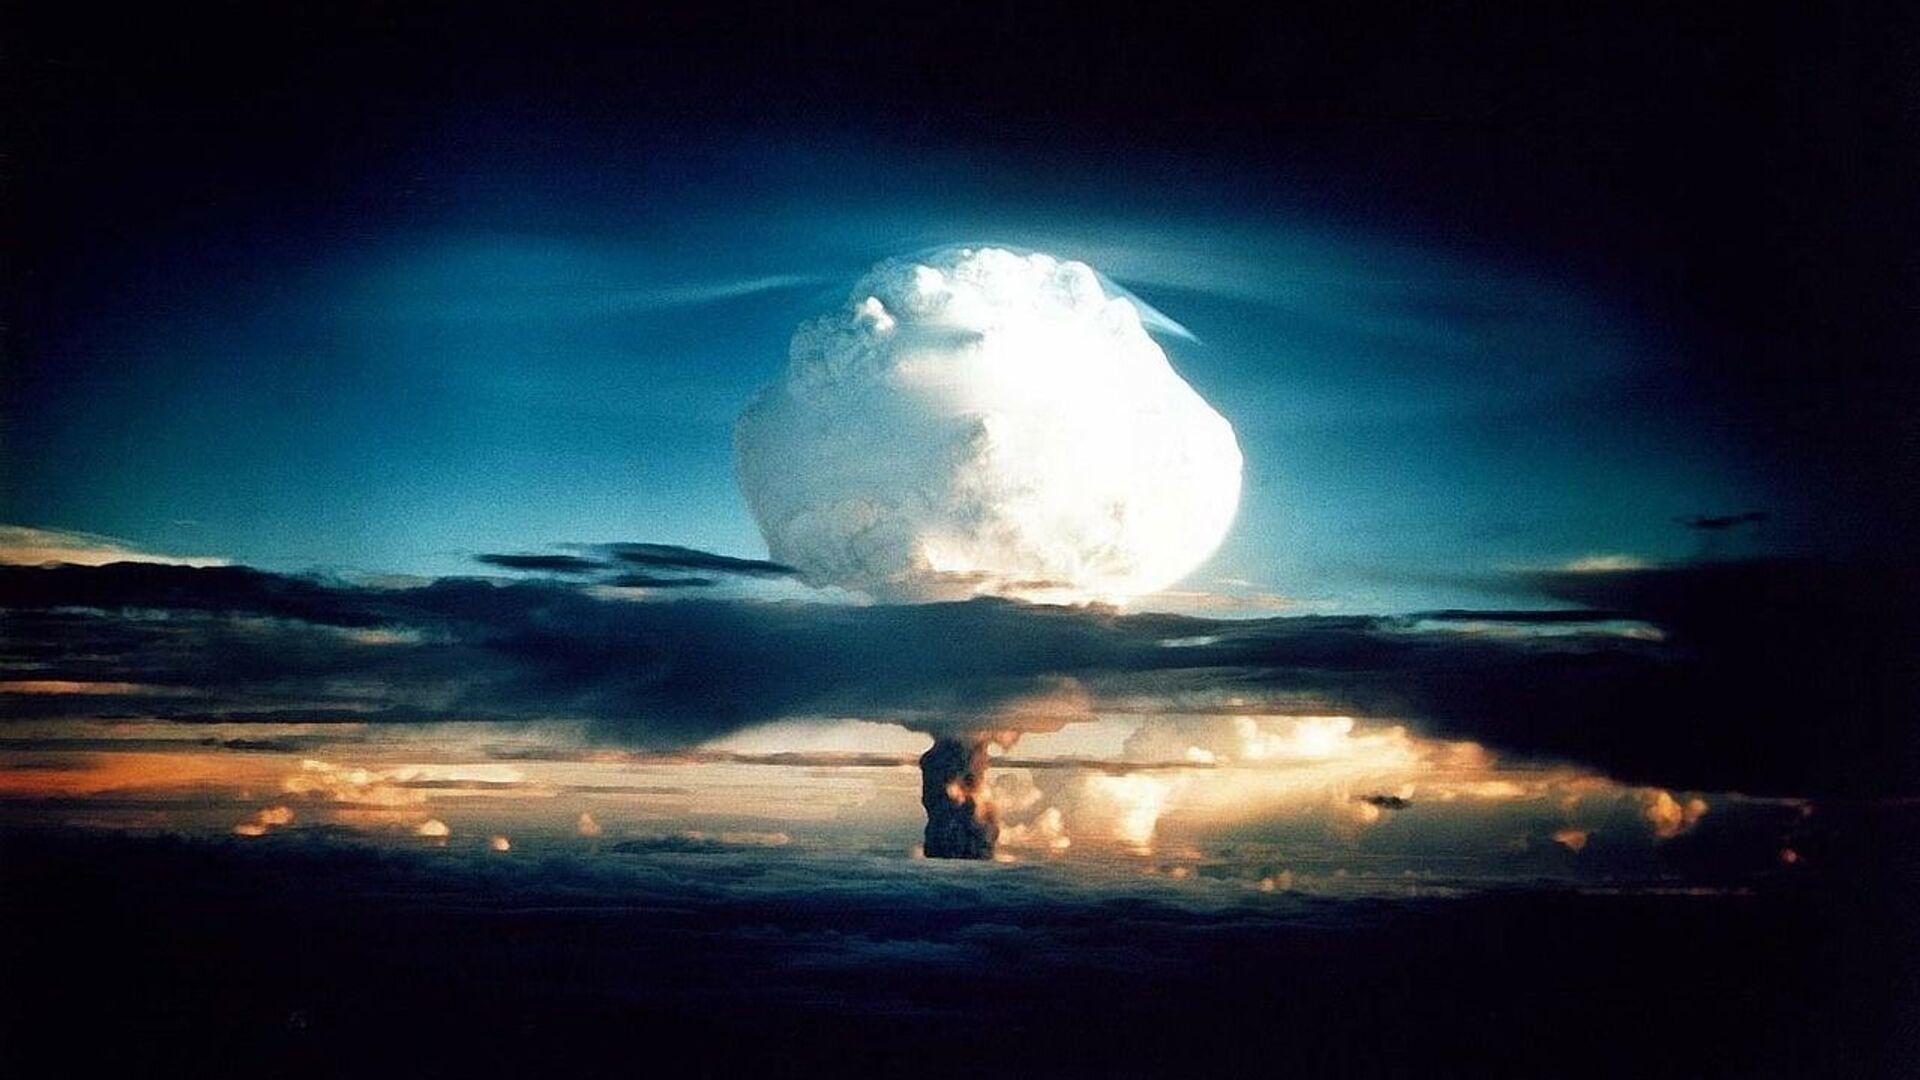 Водородная бомба - Sputnik Таджикистан, 1920, 08.10.2021